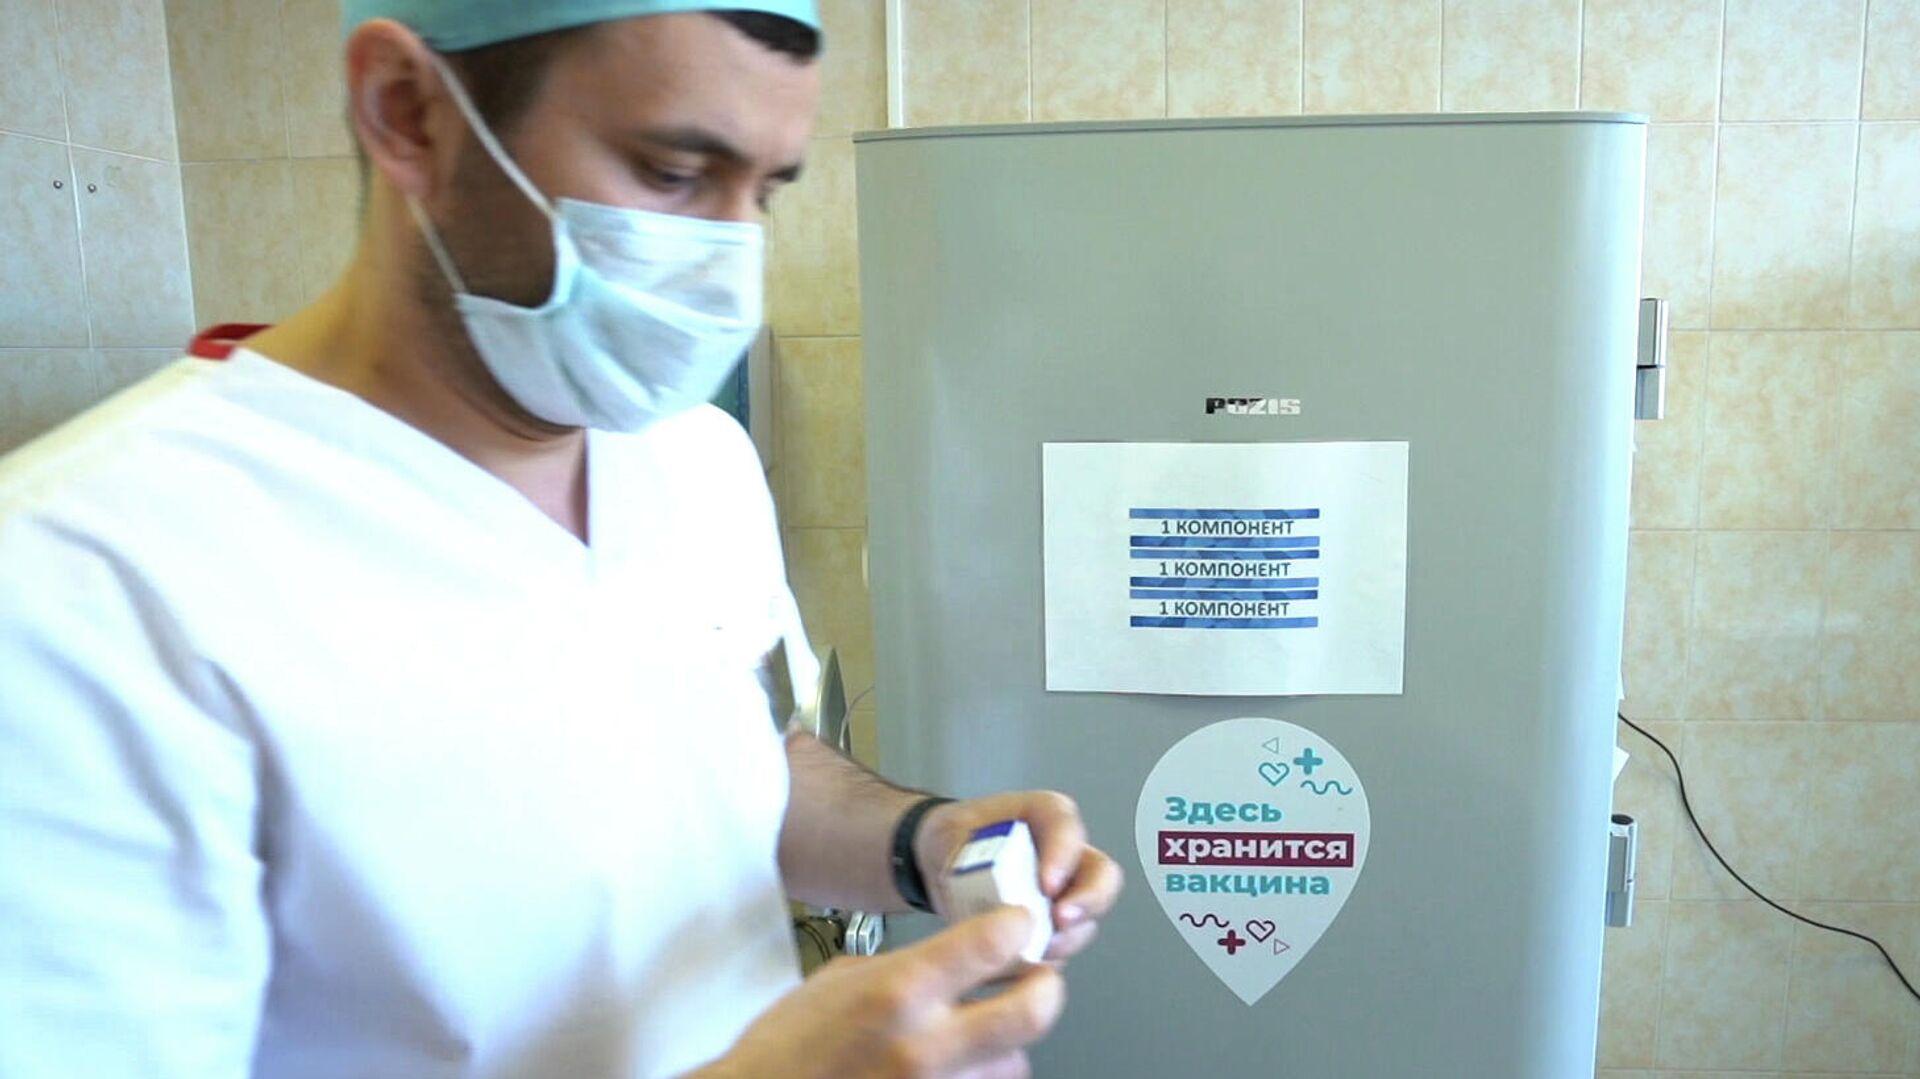 Медицинский работник держит контейнер с однокомпонентной вакциной Спутник Лайт  - РИА Новости, 1920, 25.06.2021